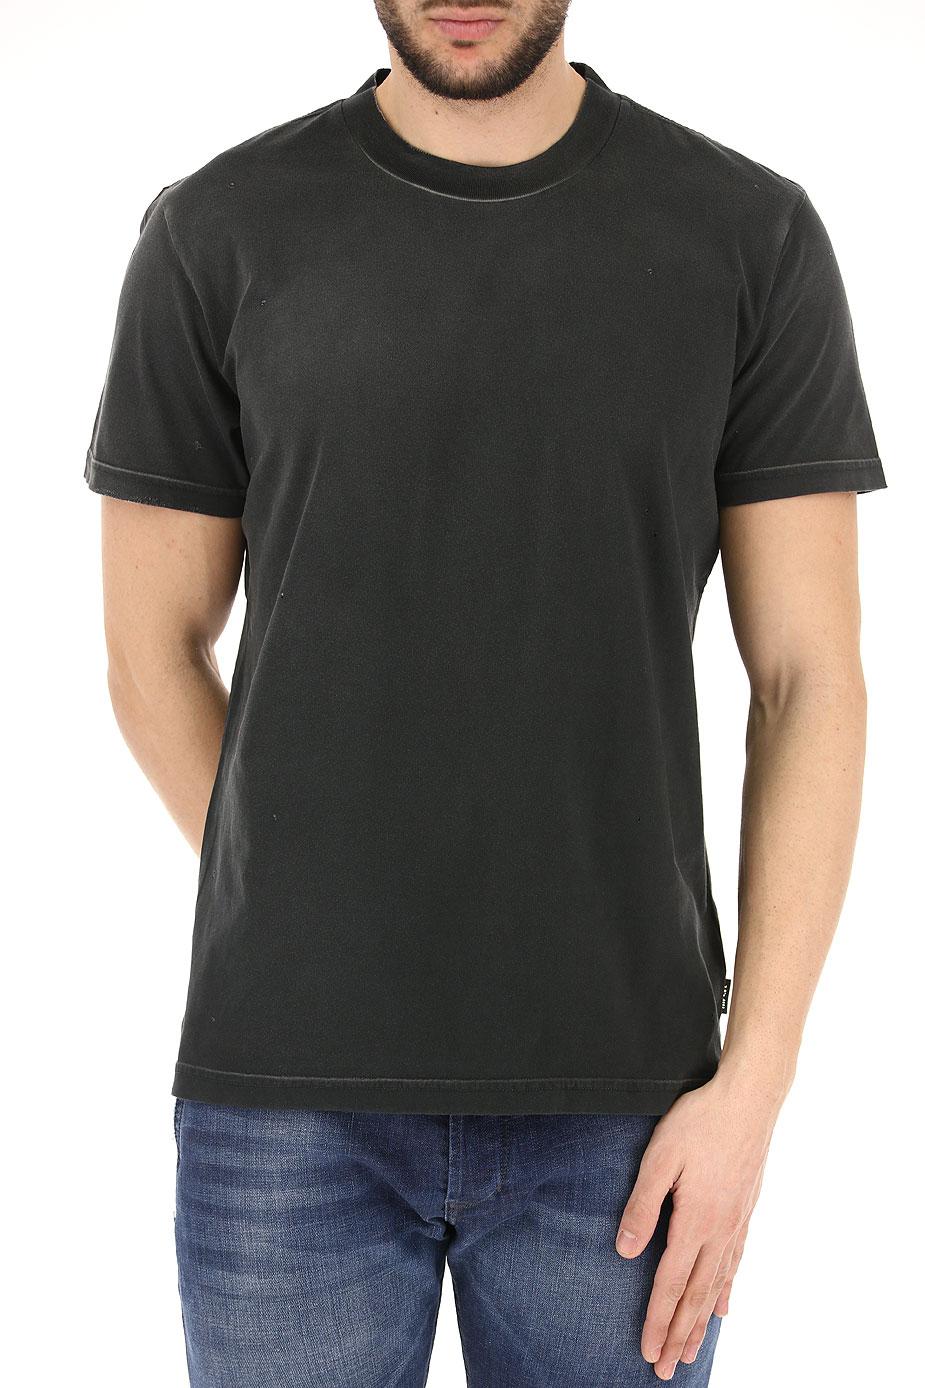 Abbigliamento Uomo Diesel, Codice Articolo: 00s8uy-0bark-900